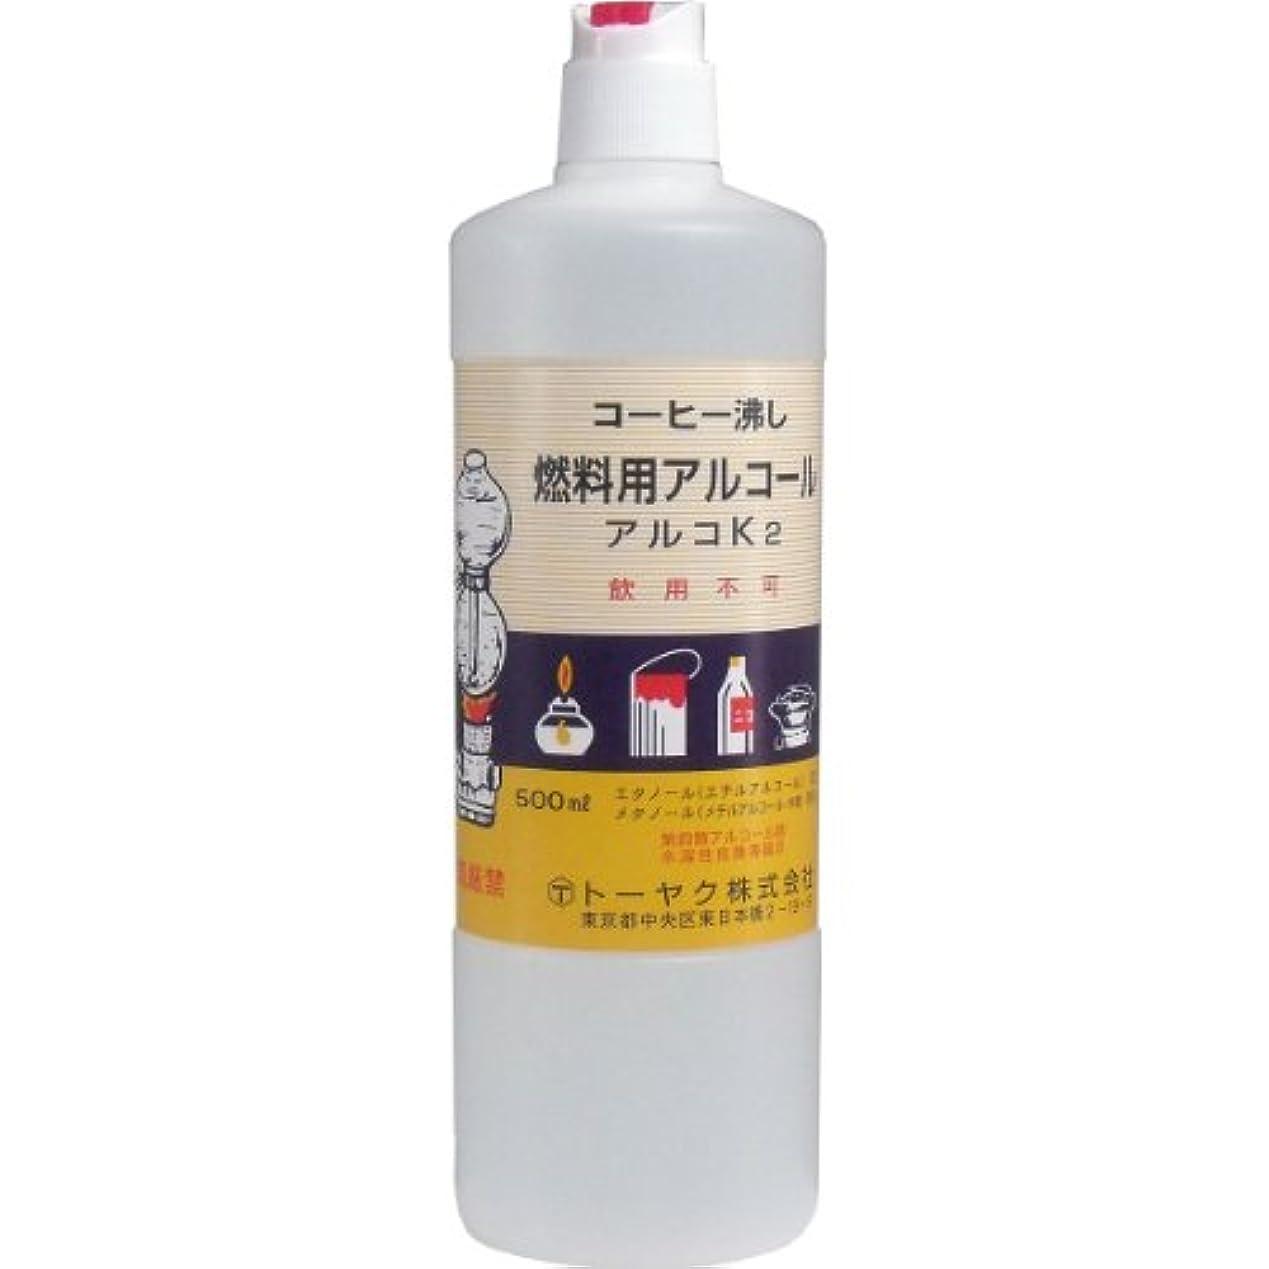 体操コンパイルデッドロック燃料用アルコール アルコK2 ×3個セット